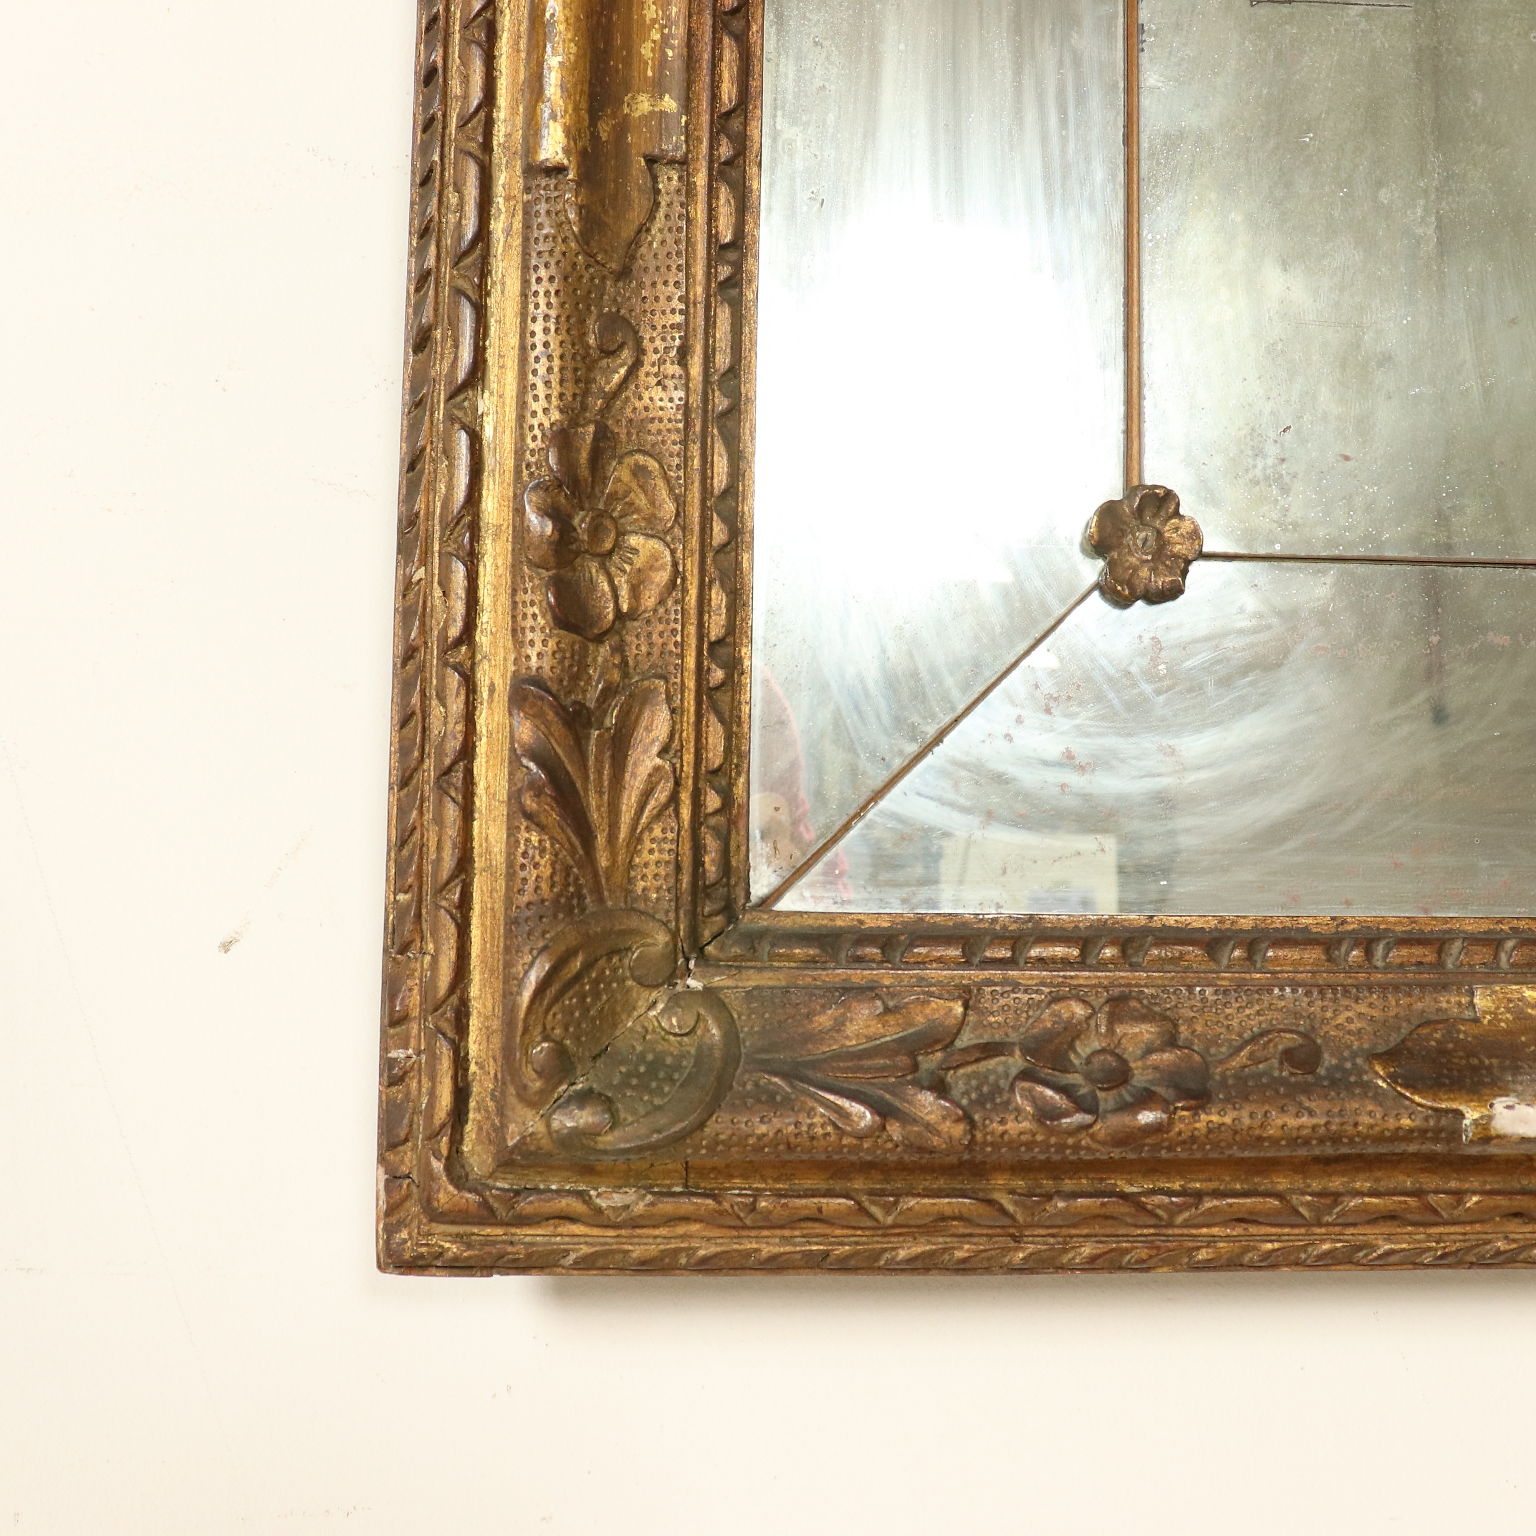 Spiegel im Barock-Stil - Mobili in stile - Bottega del 900 ...